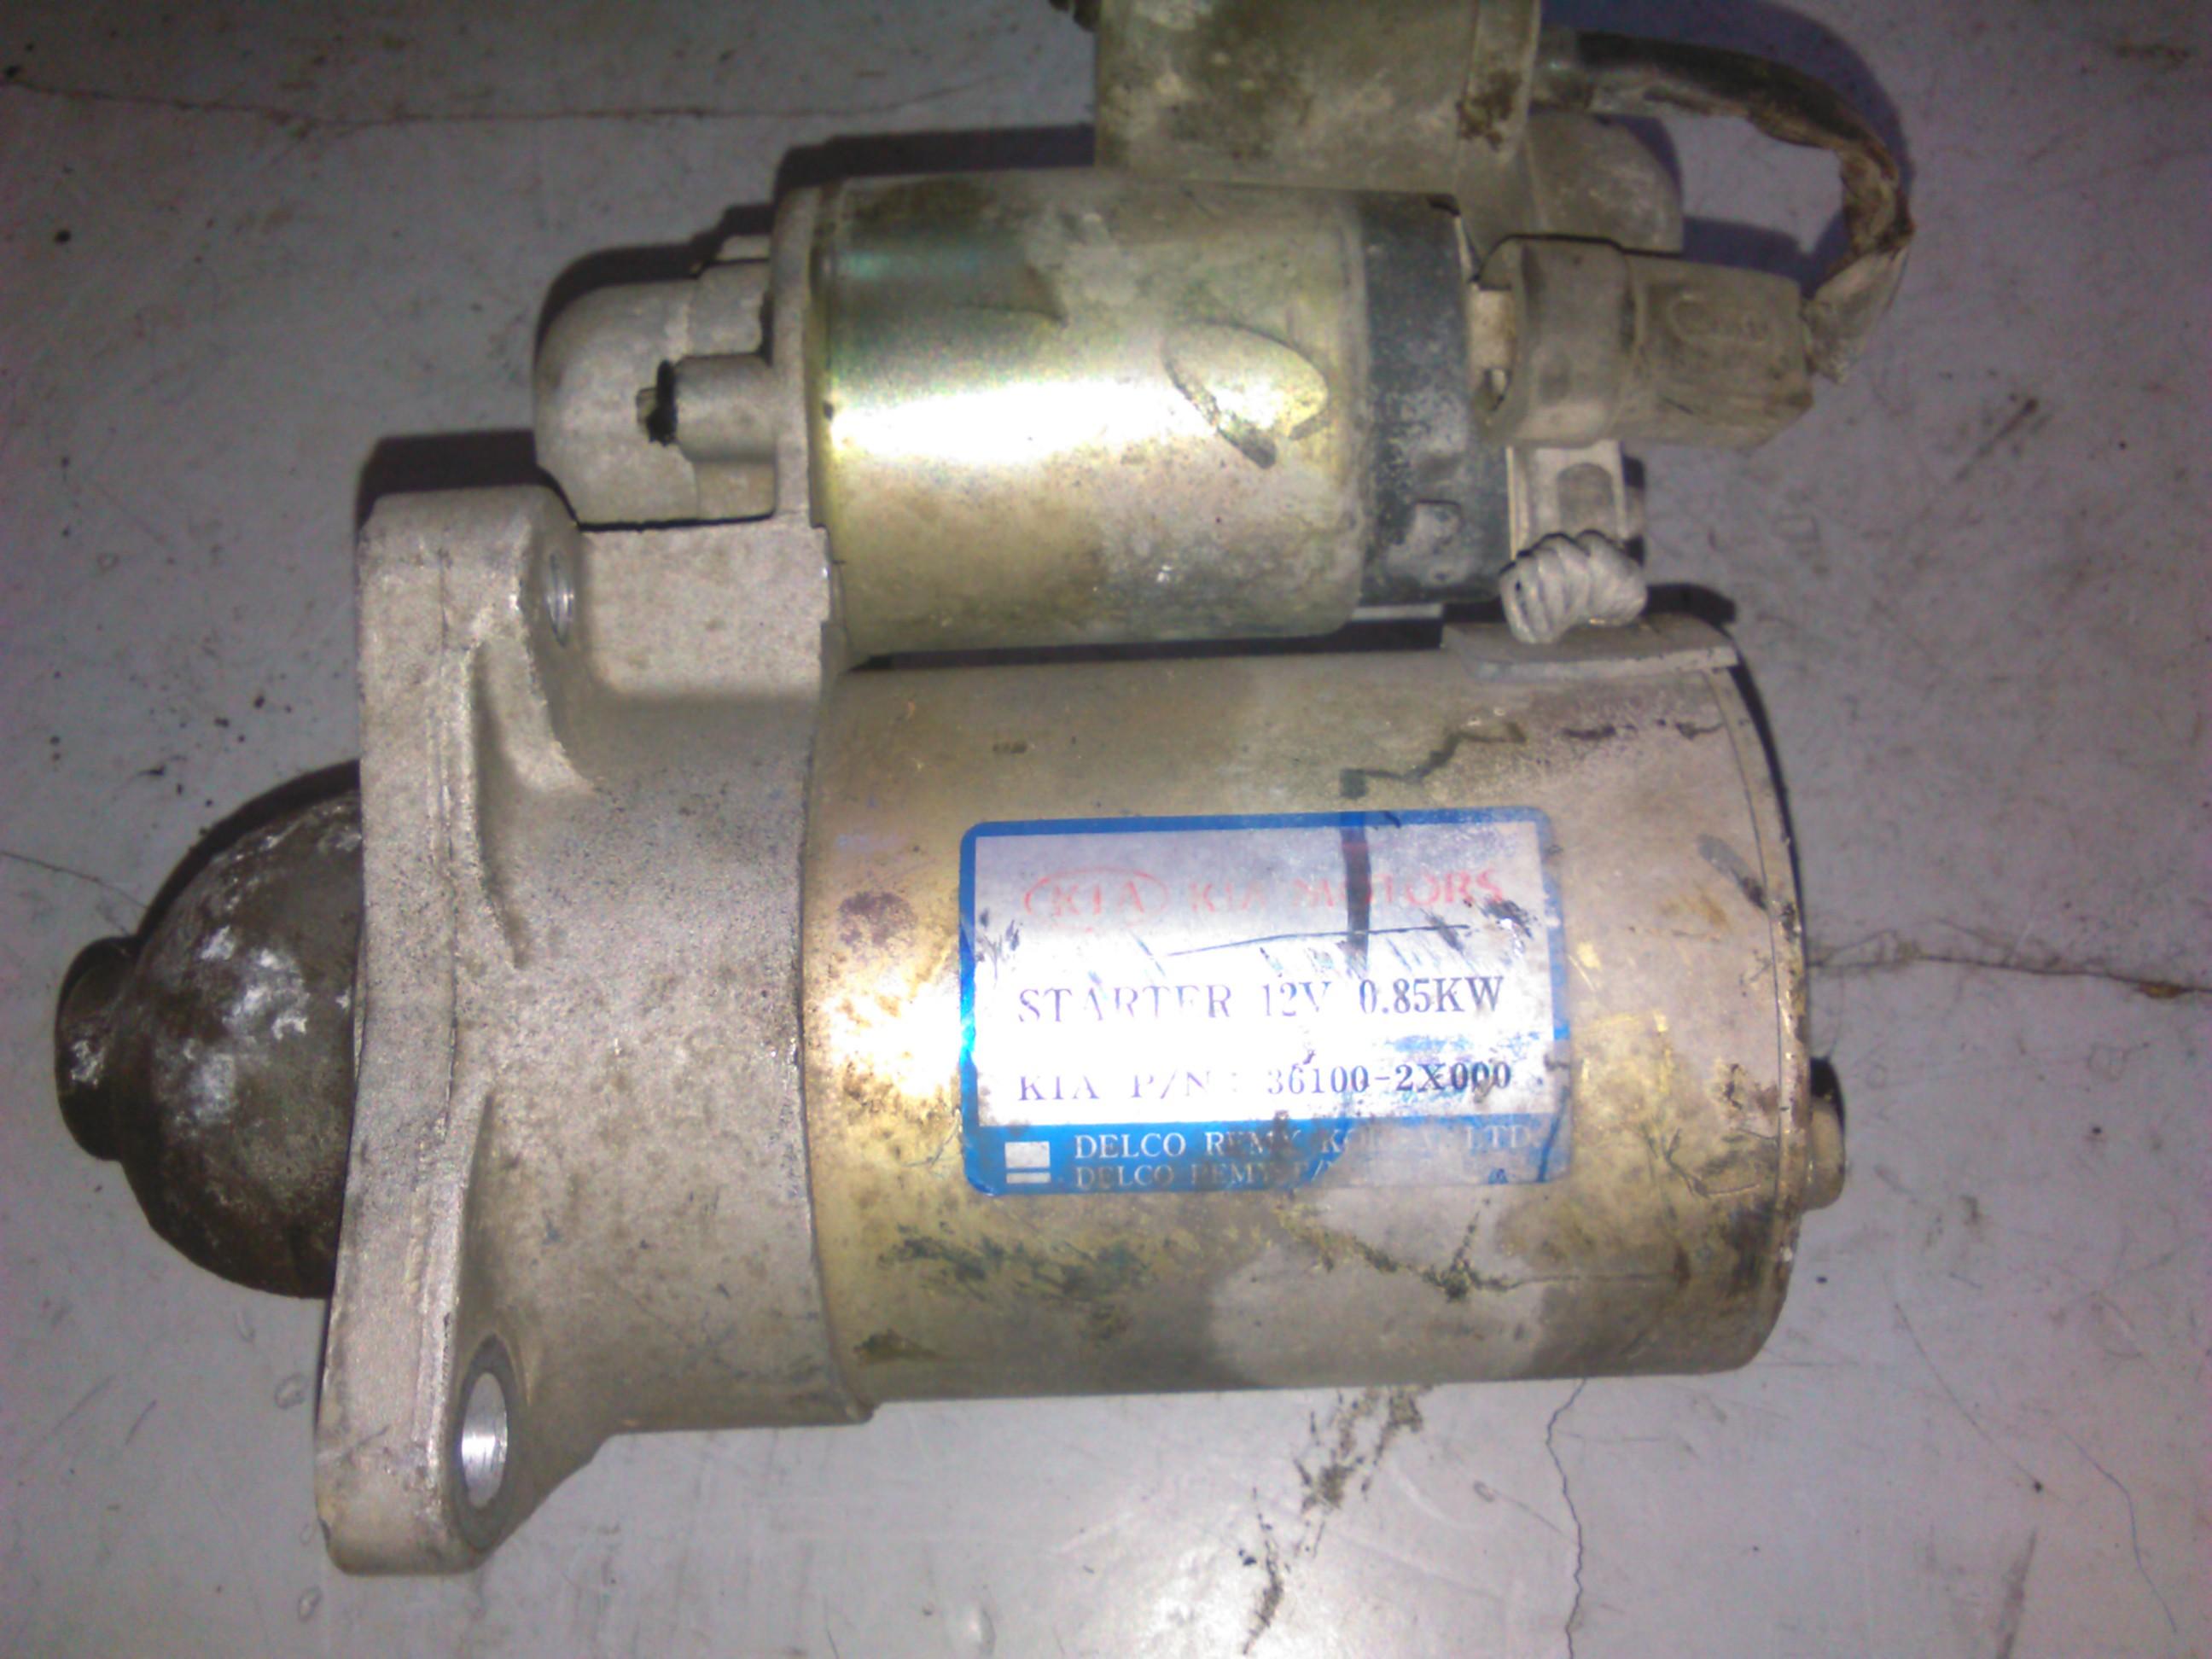 Electromotor Kia Carens 1.6, Kia Rio 1.5 cod 36100-2x000